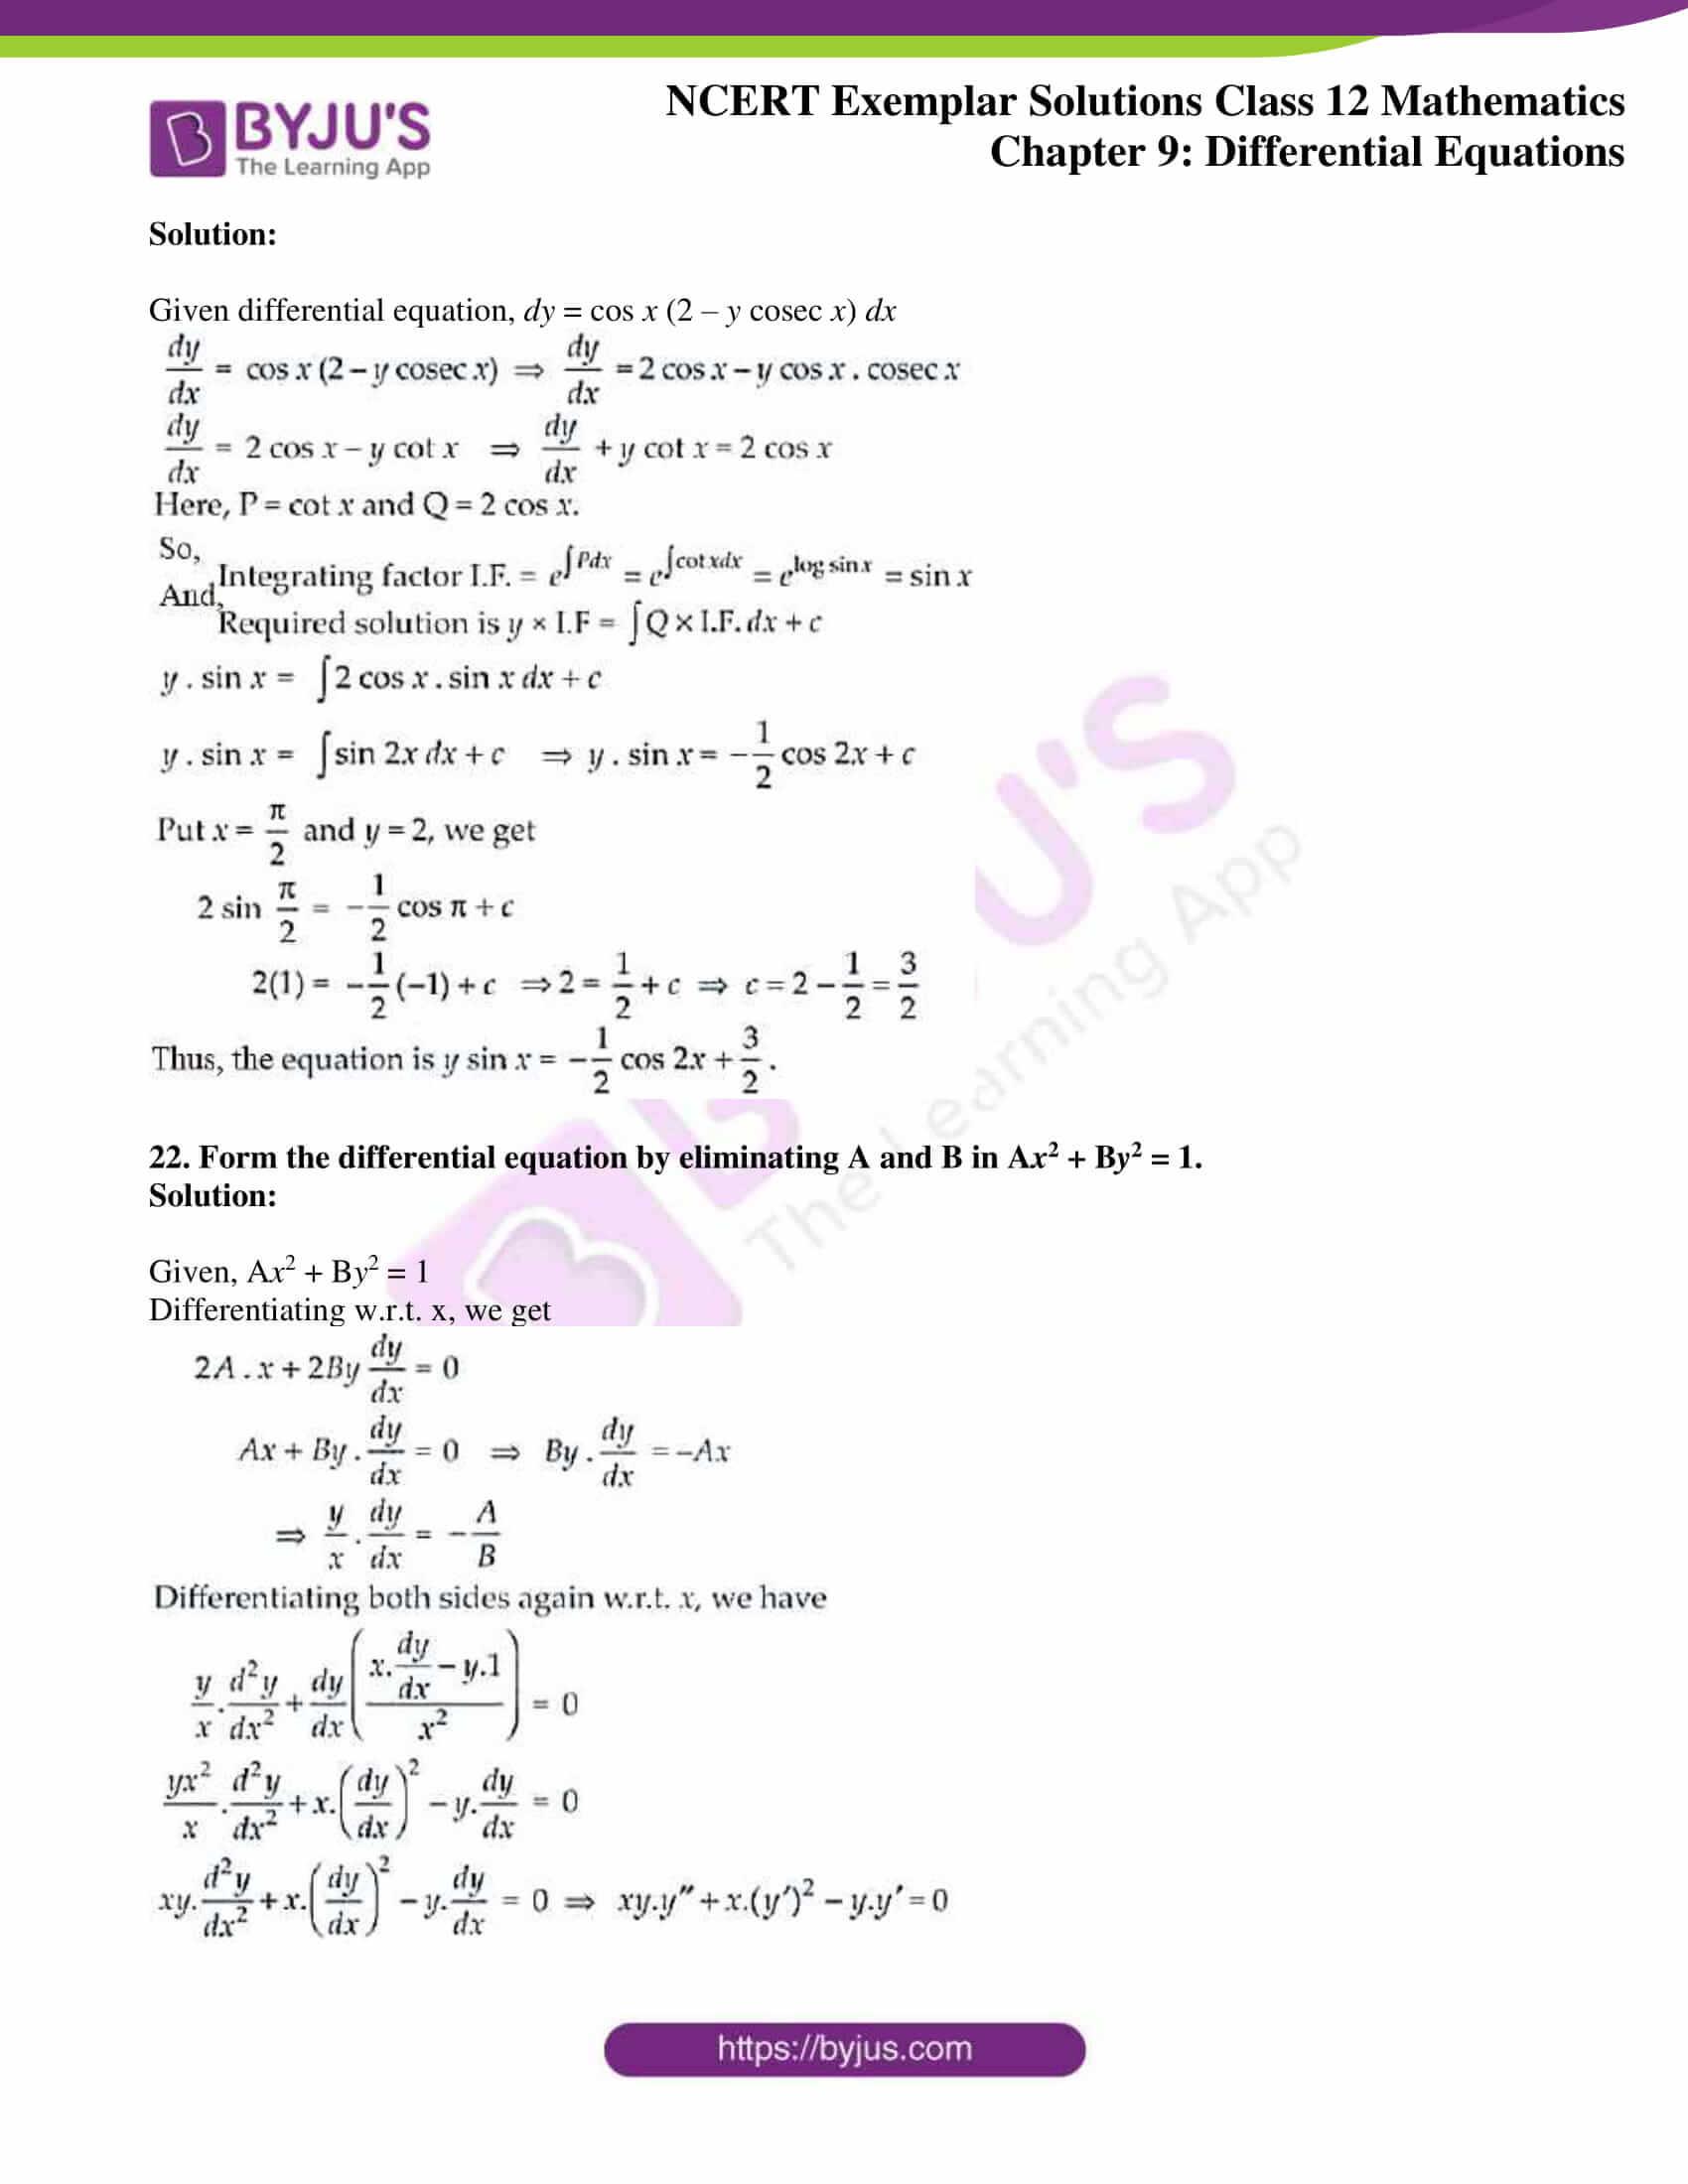 ncert exemplar sol class 12 mathematics ch 9 13